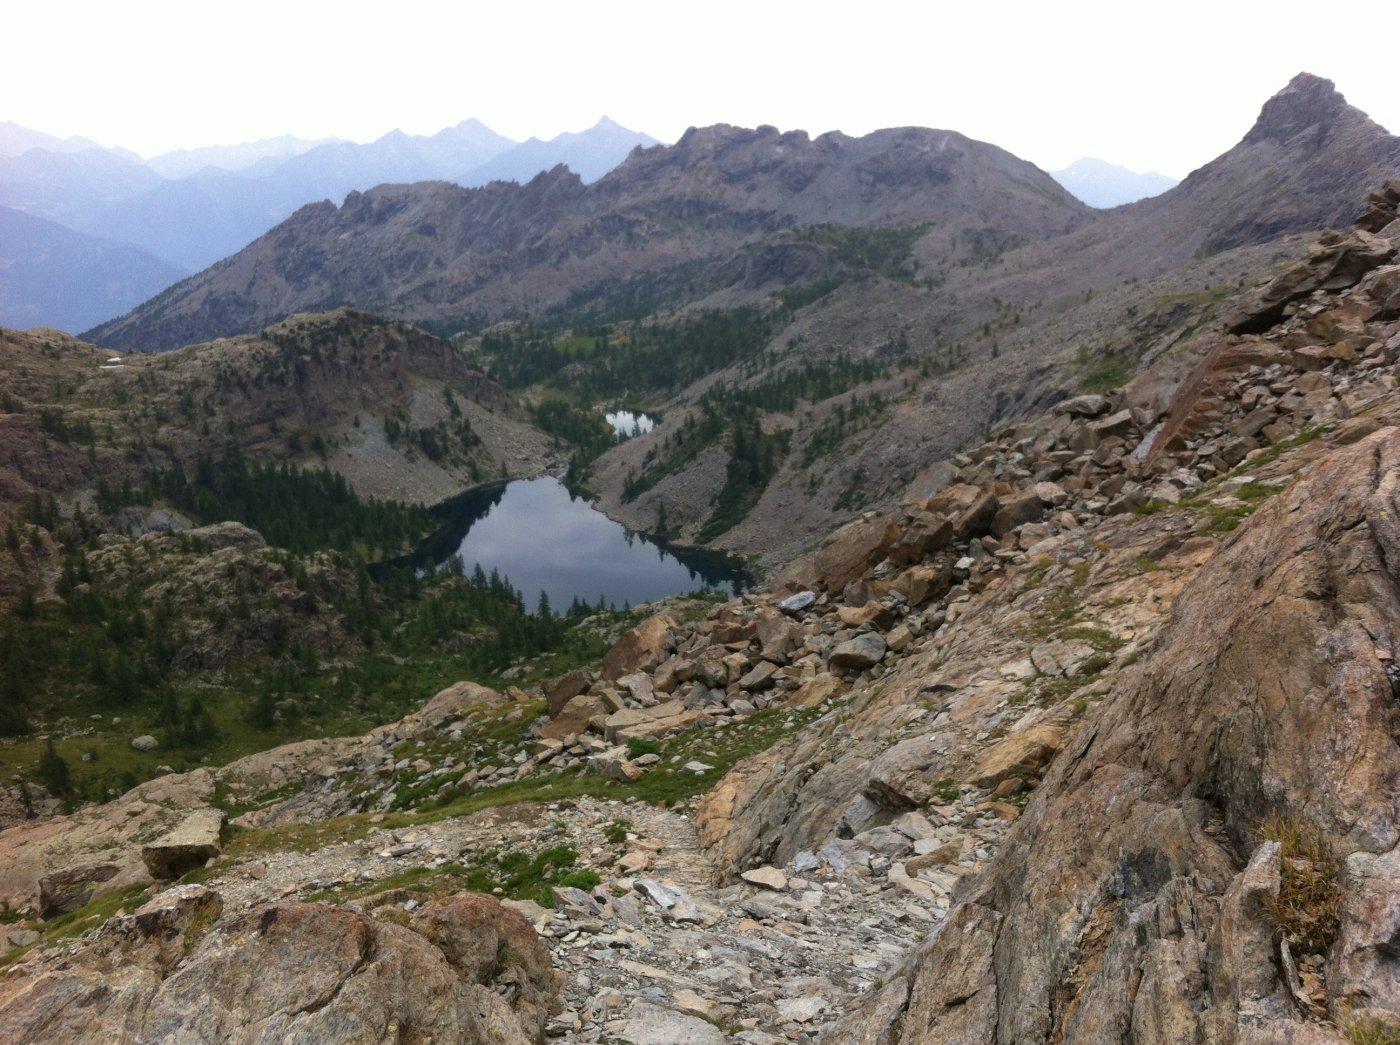 Servaz, Noir, Cornu, Grand Lac, Gelè (Laghi) da Veulla, anello 2015-07-18